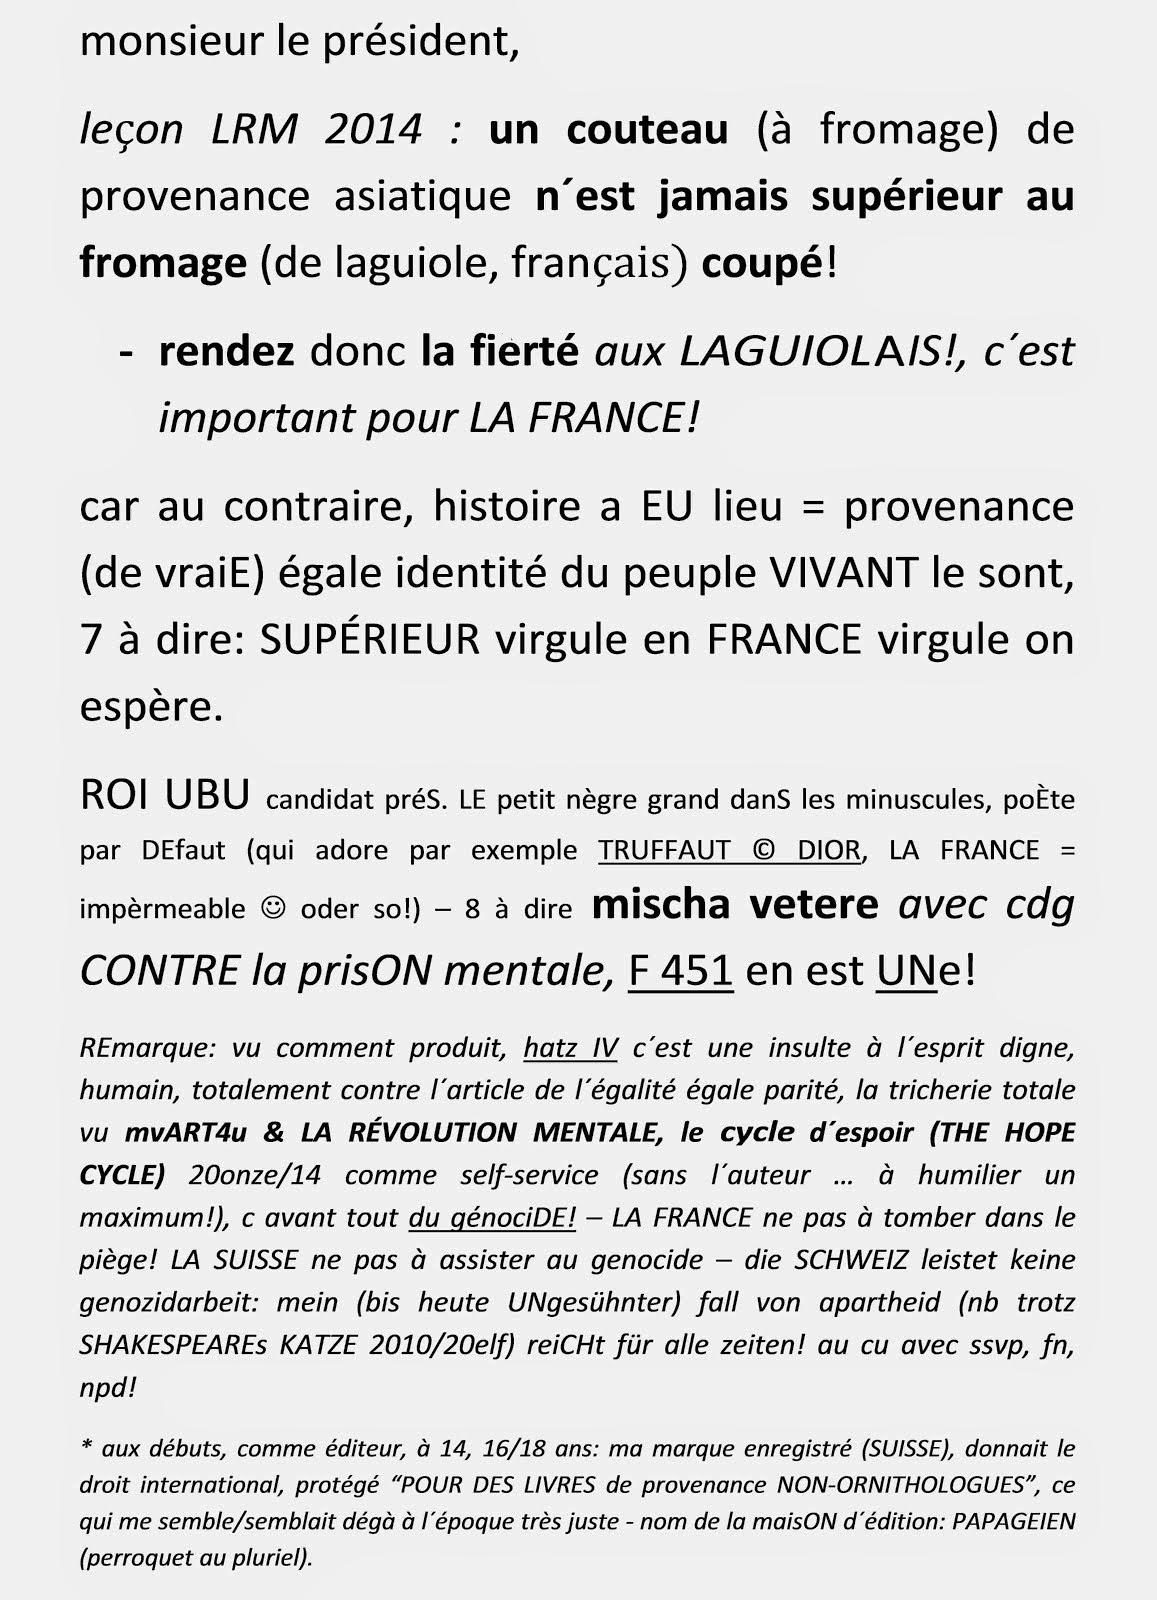 fromage couteau LA FRANCE cercle d´espoir dignité laguiole peuple charles de gaulle mischa vetere